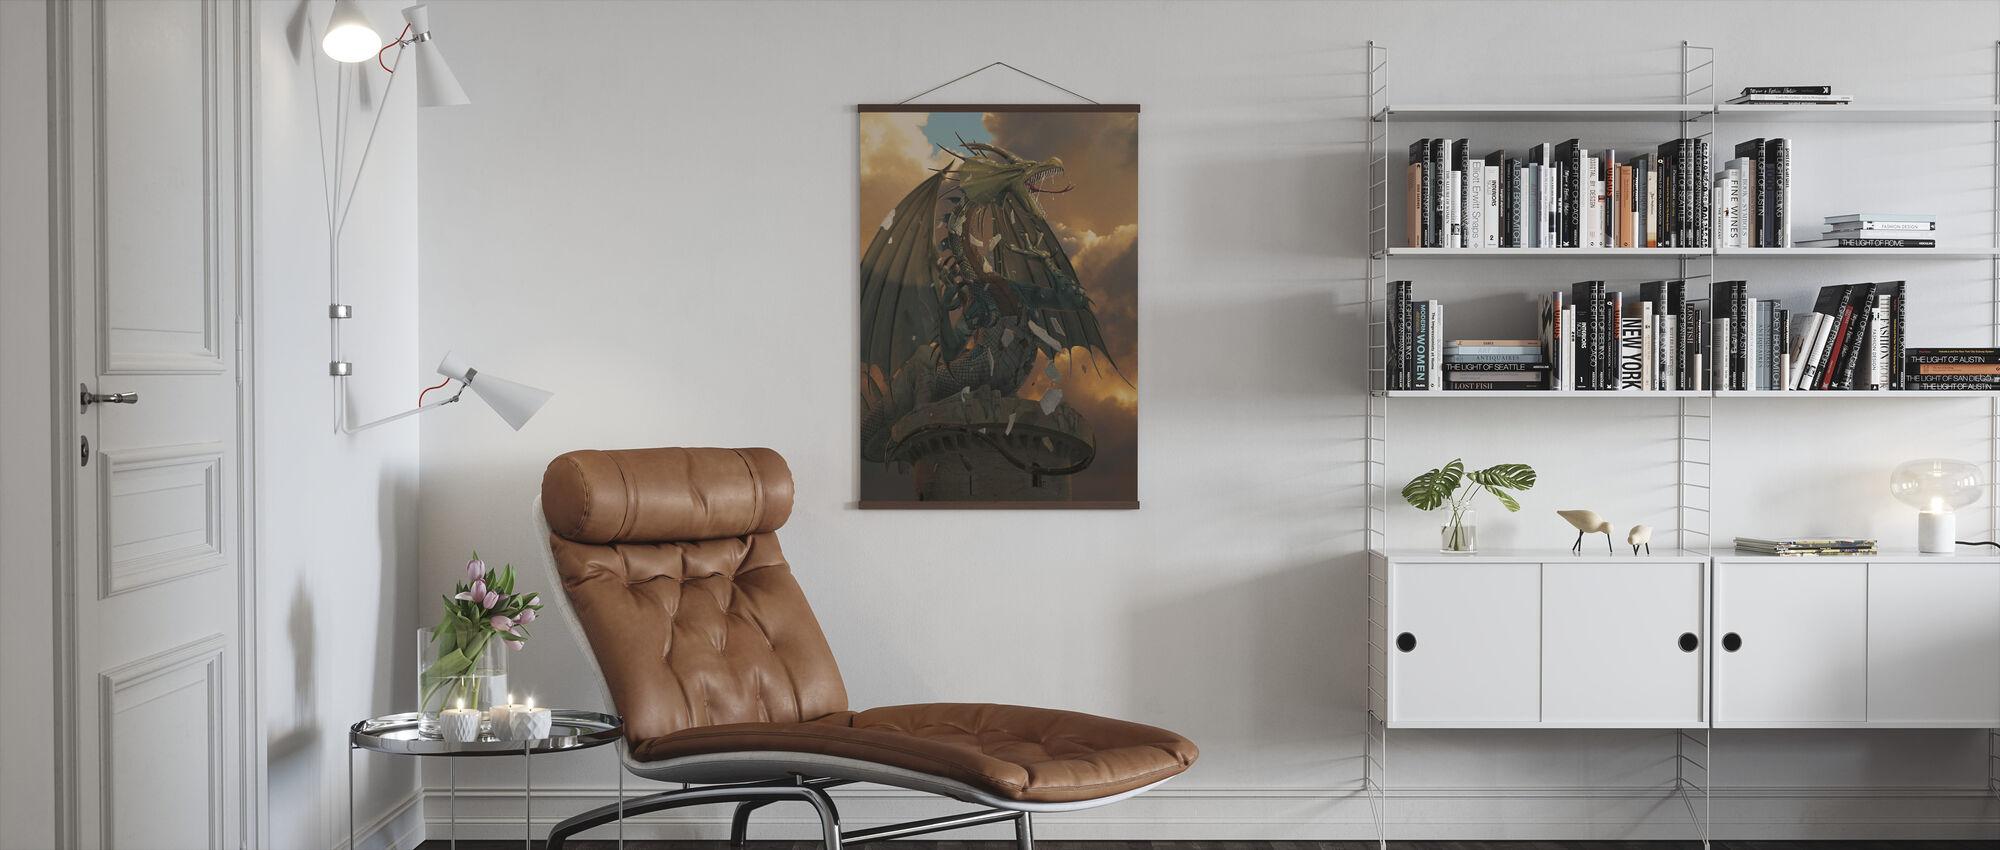 The Awakening - Poster - Living Room